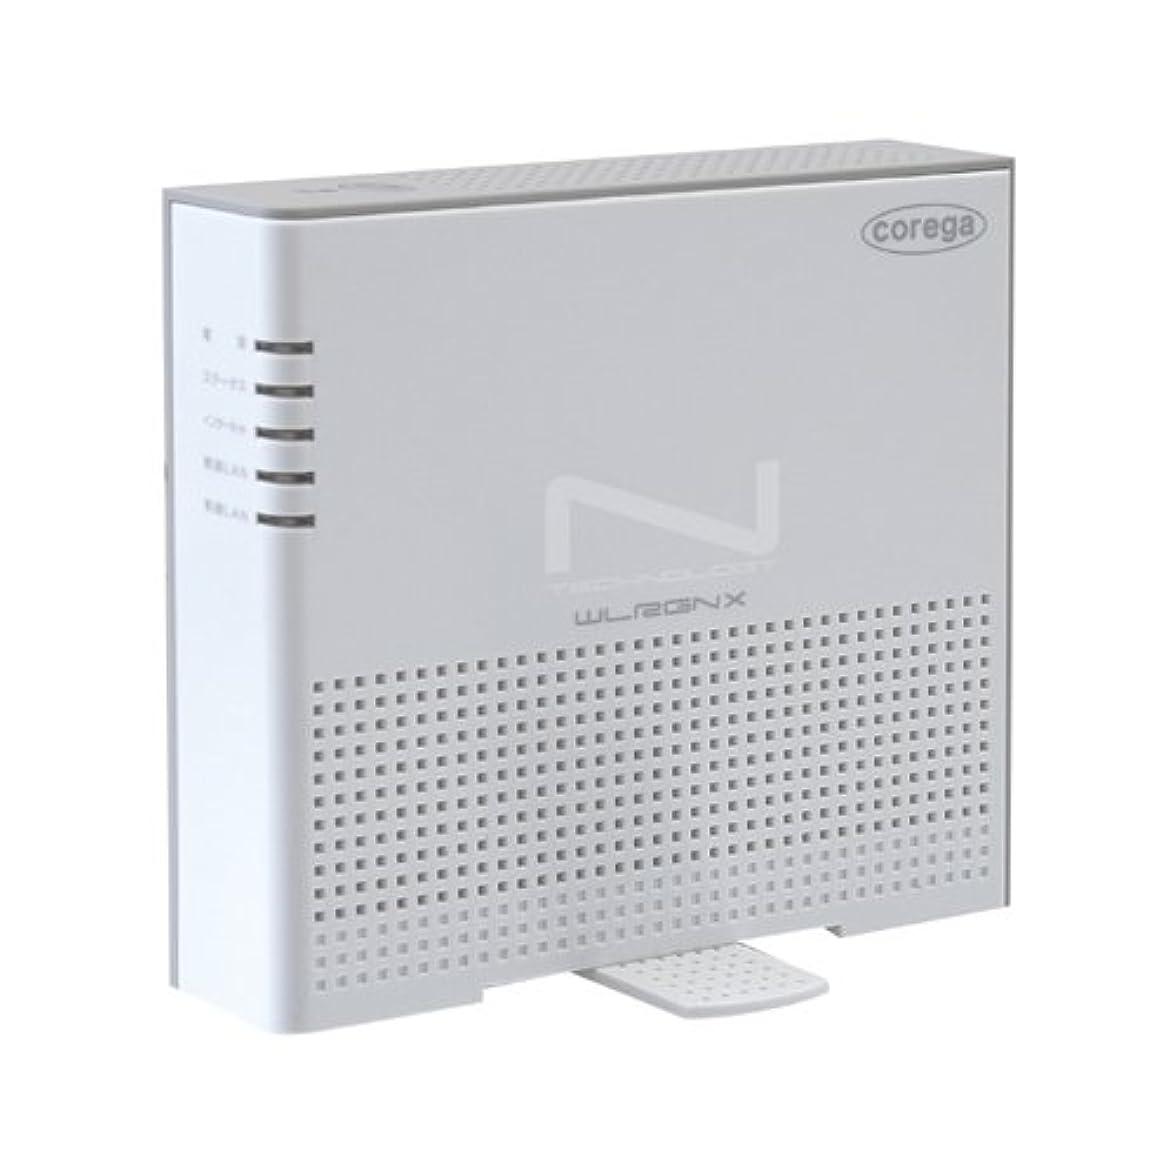 蒸気落胆させる義務Corega 無線LANコンパクトルータ Draft11n CG-WLRGNXW